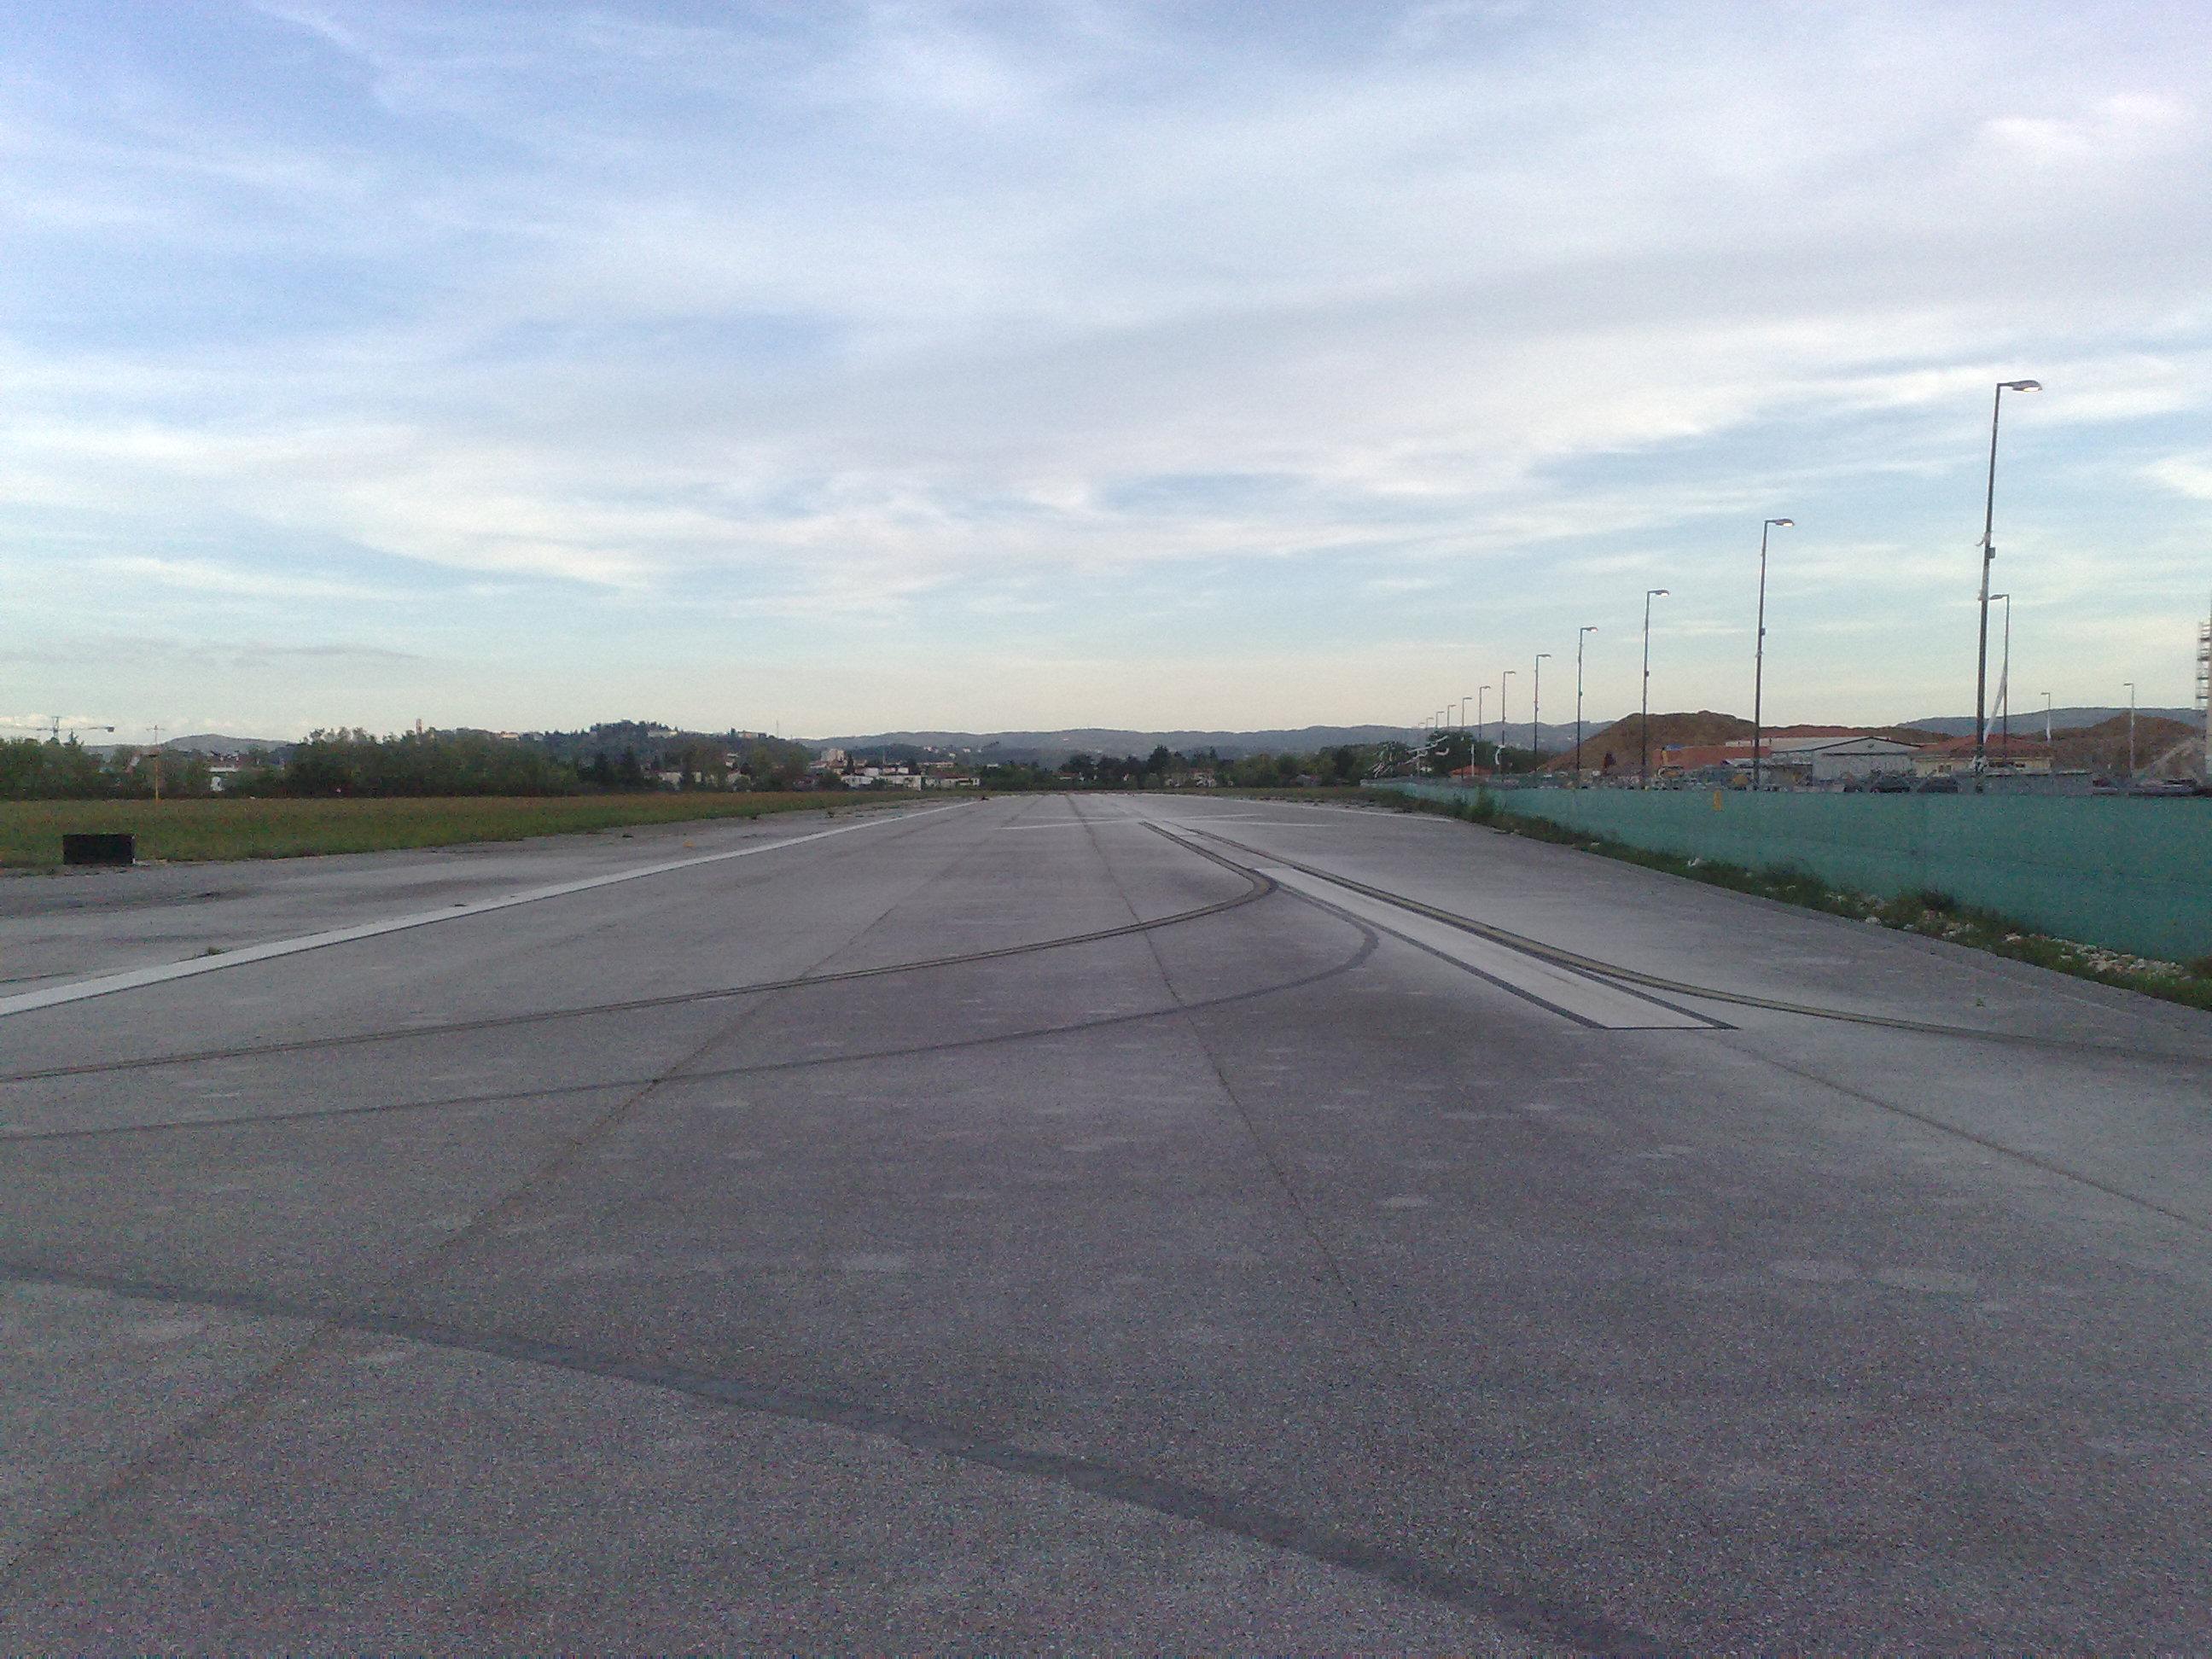 Aeroporto Vicenza : File segnale pista chiusa aeroporto vicenza g